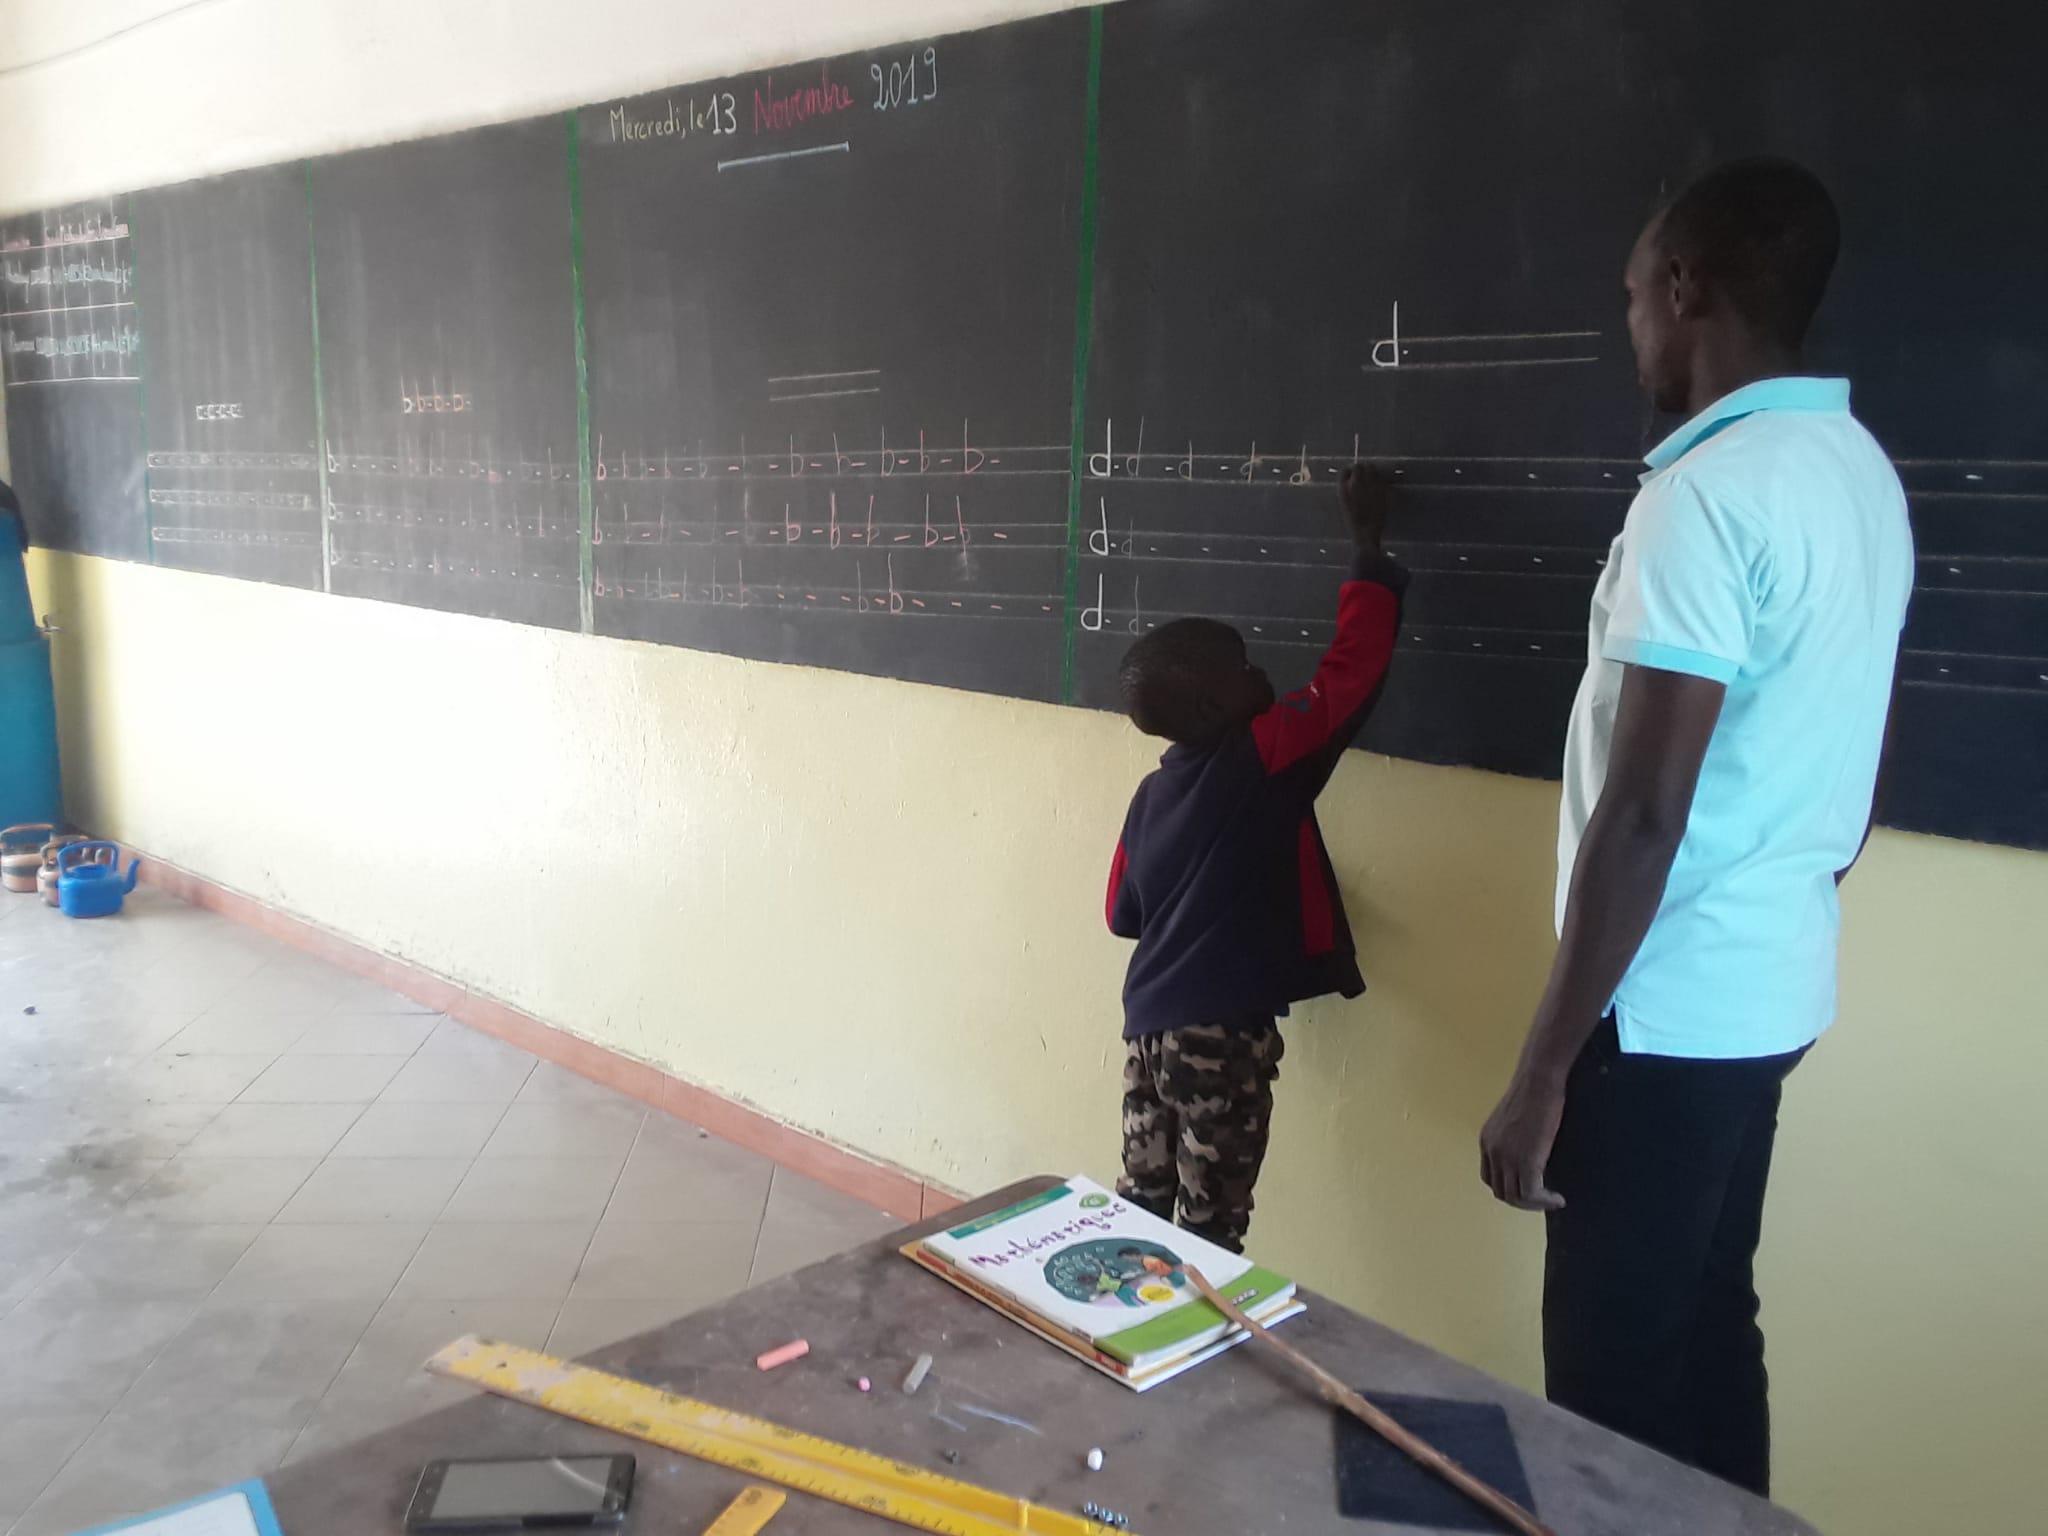 Unterricht im renovierten Schulgebäude (das 1.)